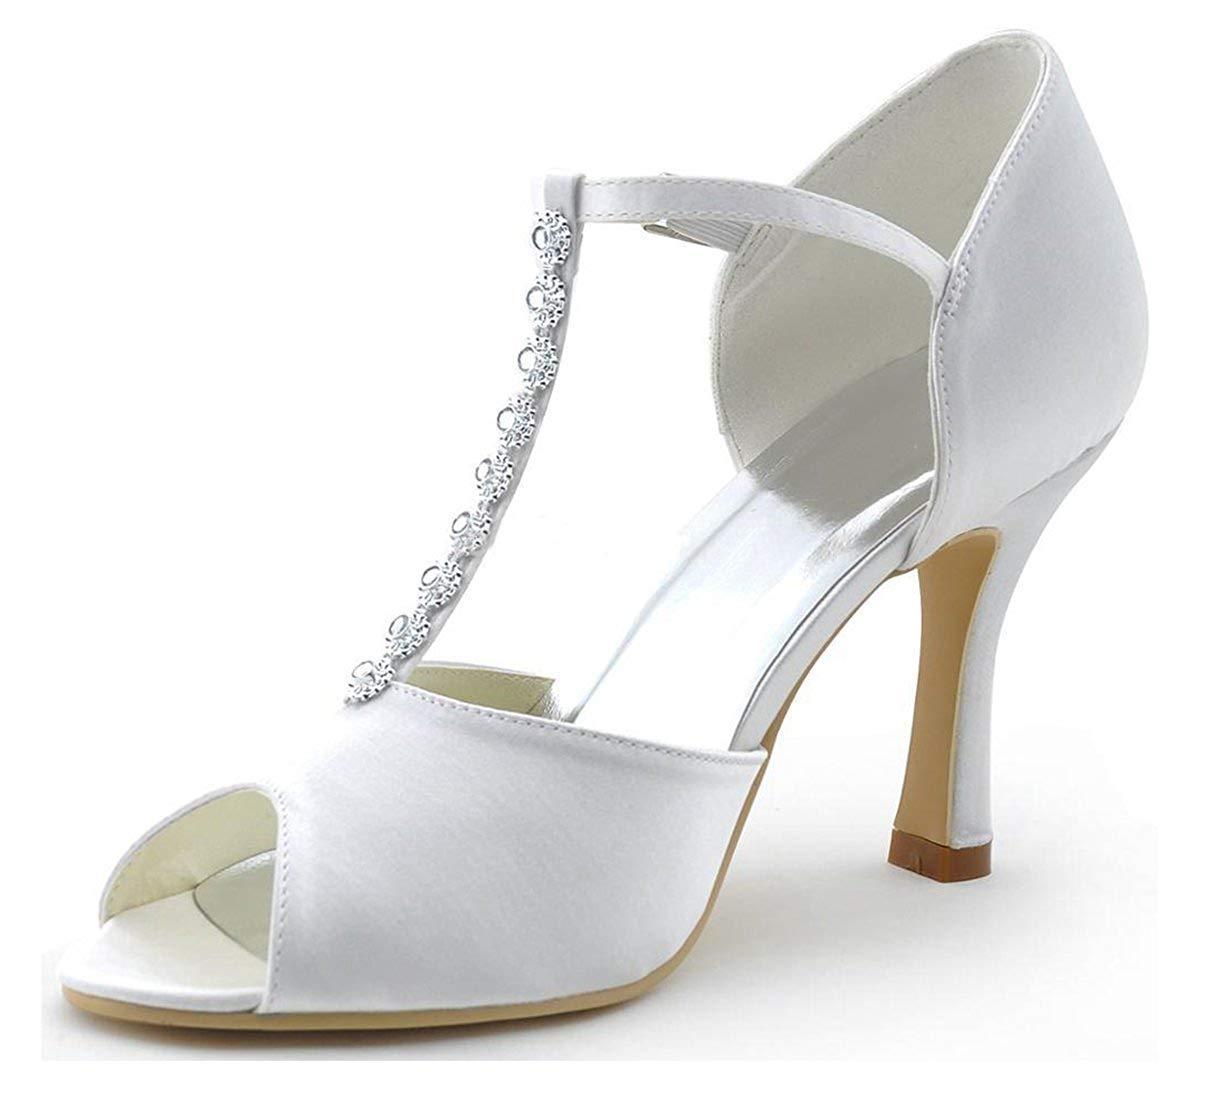 Strass T Satin Für Qiusa Damen Anlässe Strap Mode Schuhe Besondere hQxtdsBroC